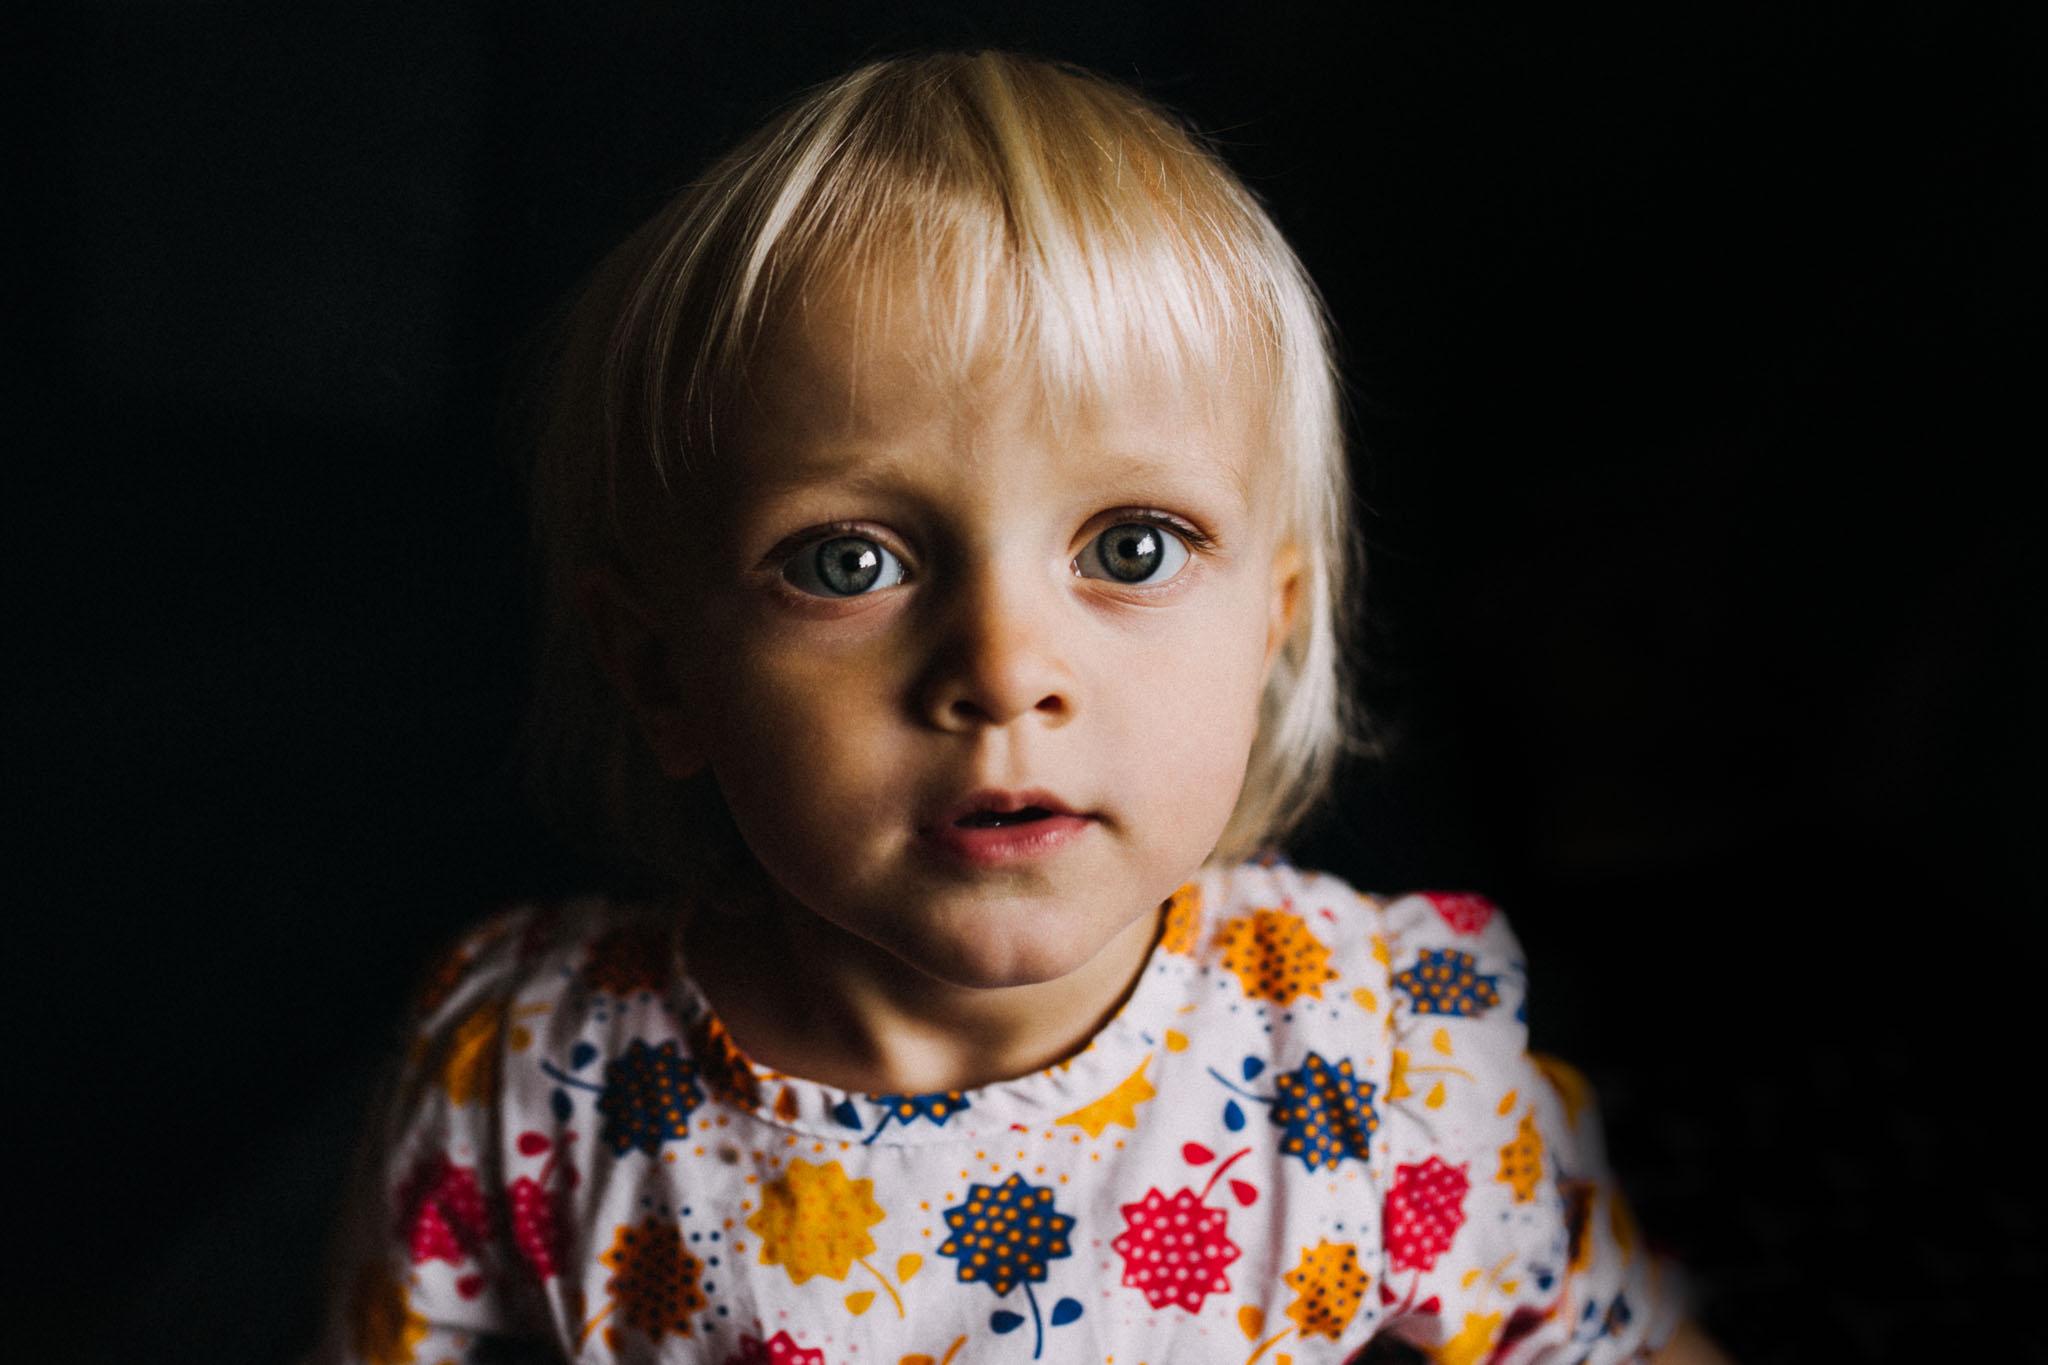 Portrait eines Kleinkinds